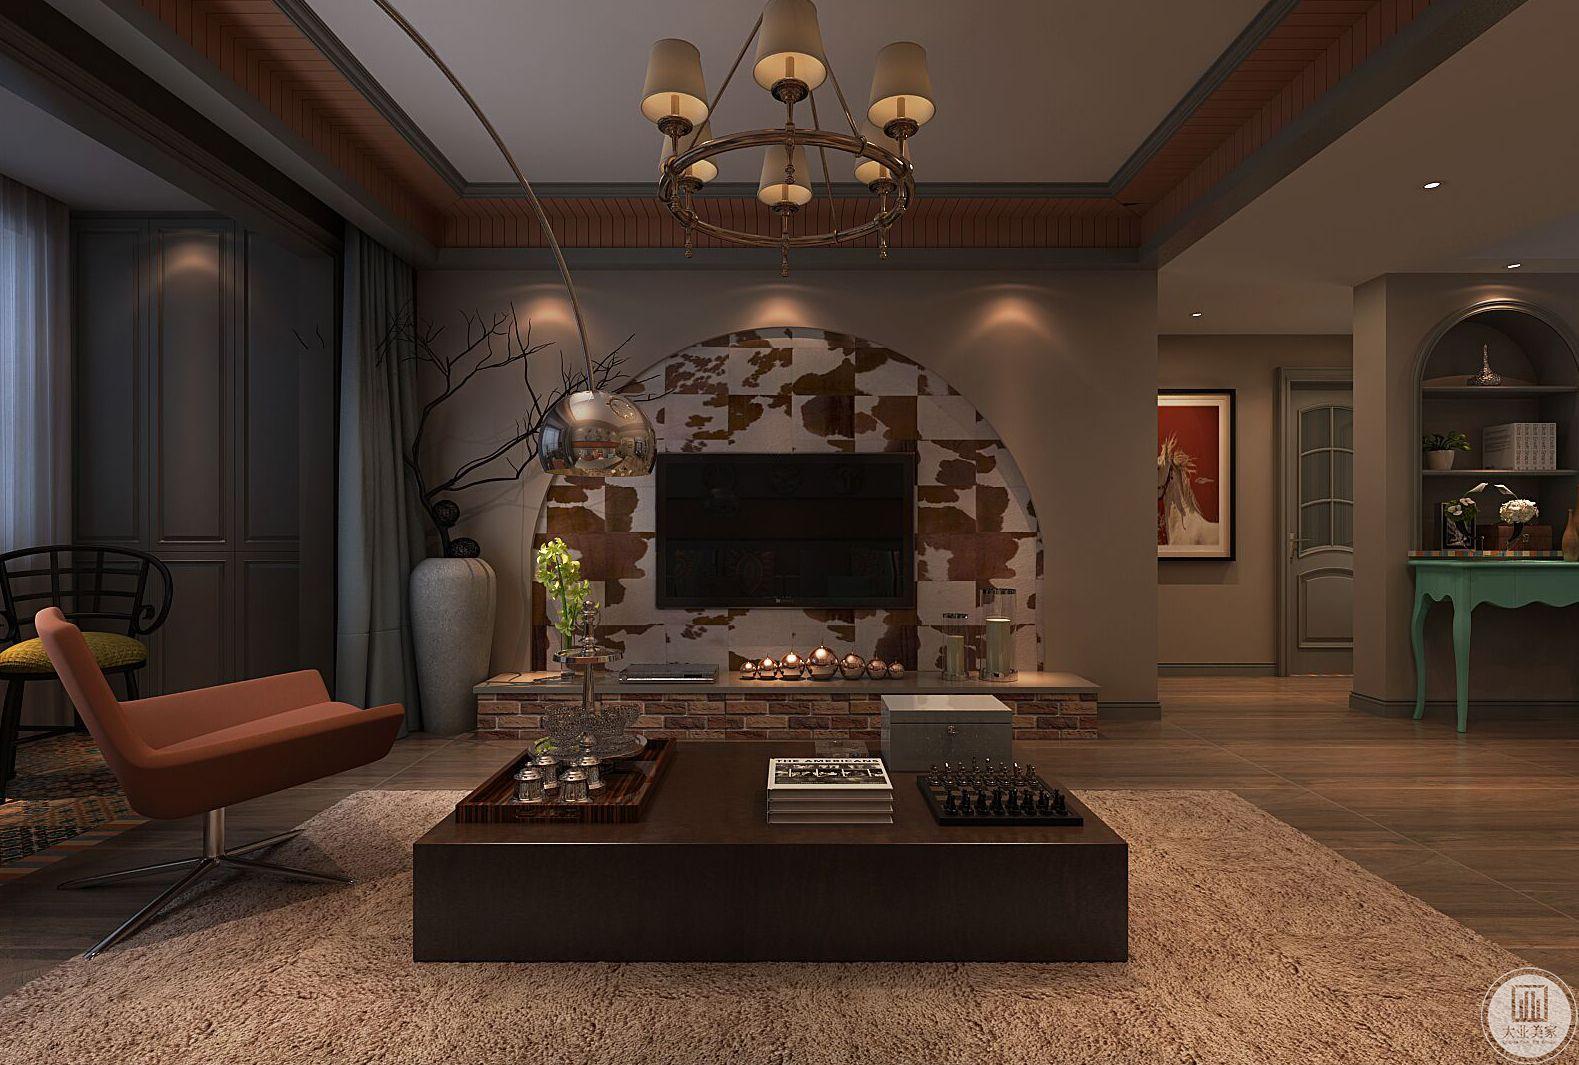 客厅装修效果图:影视墙做成砖墙效果,电视柜去掉做成类似砖墙。